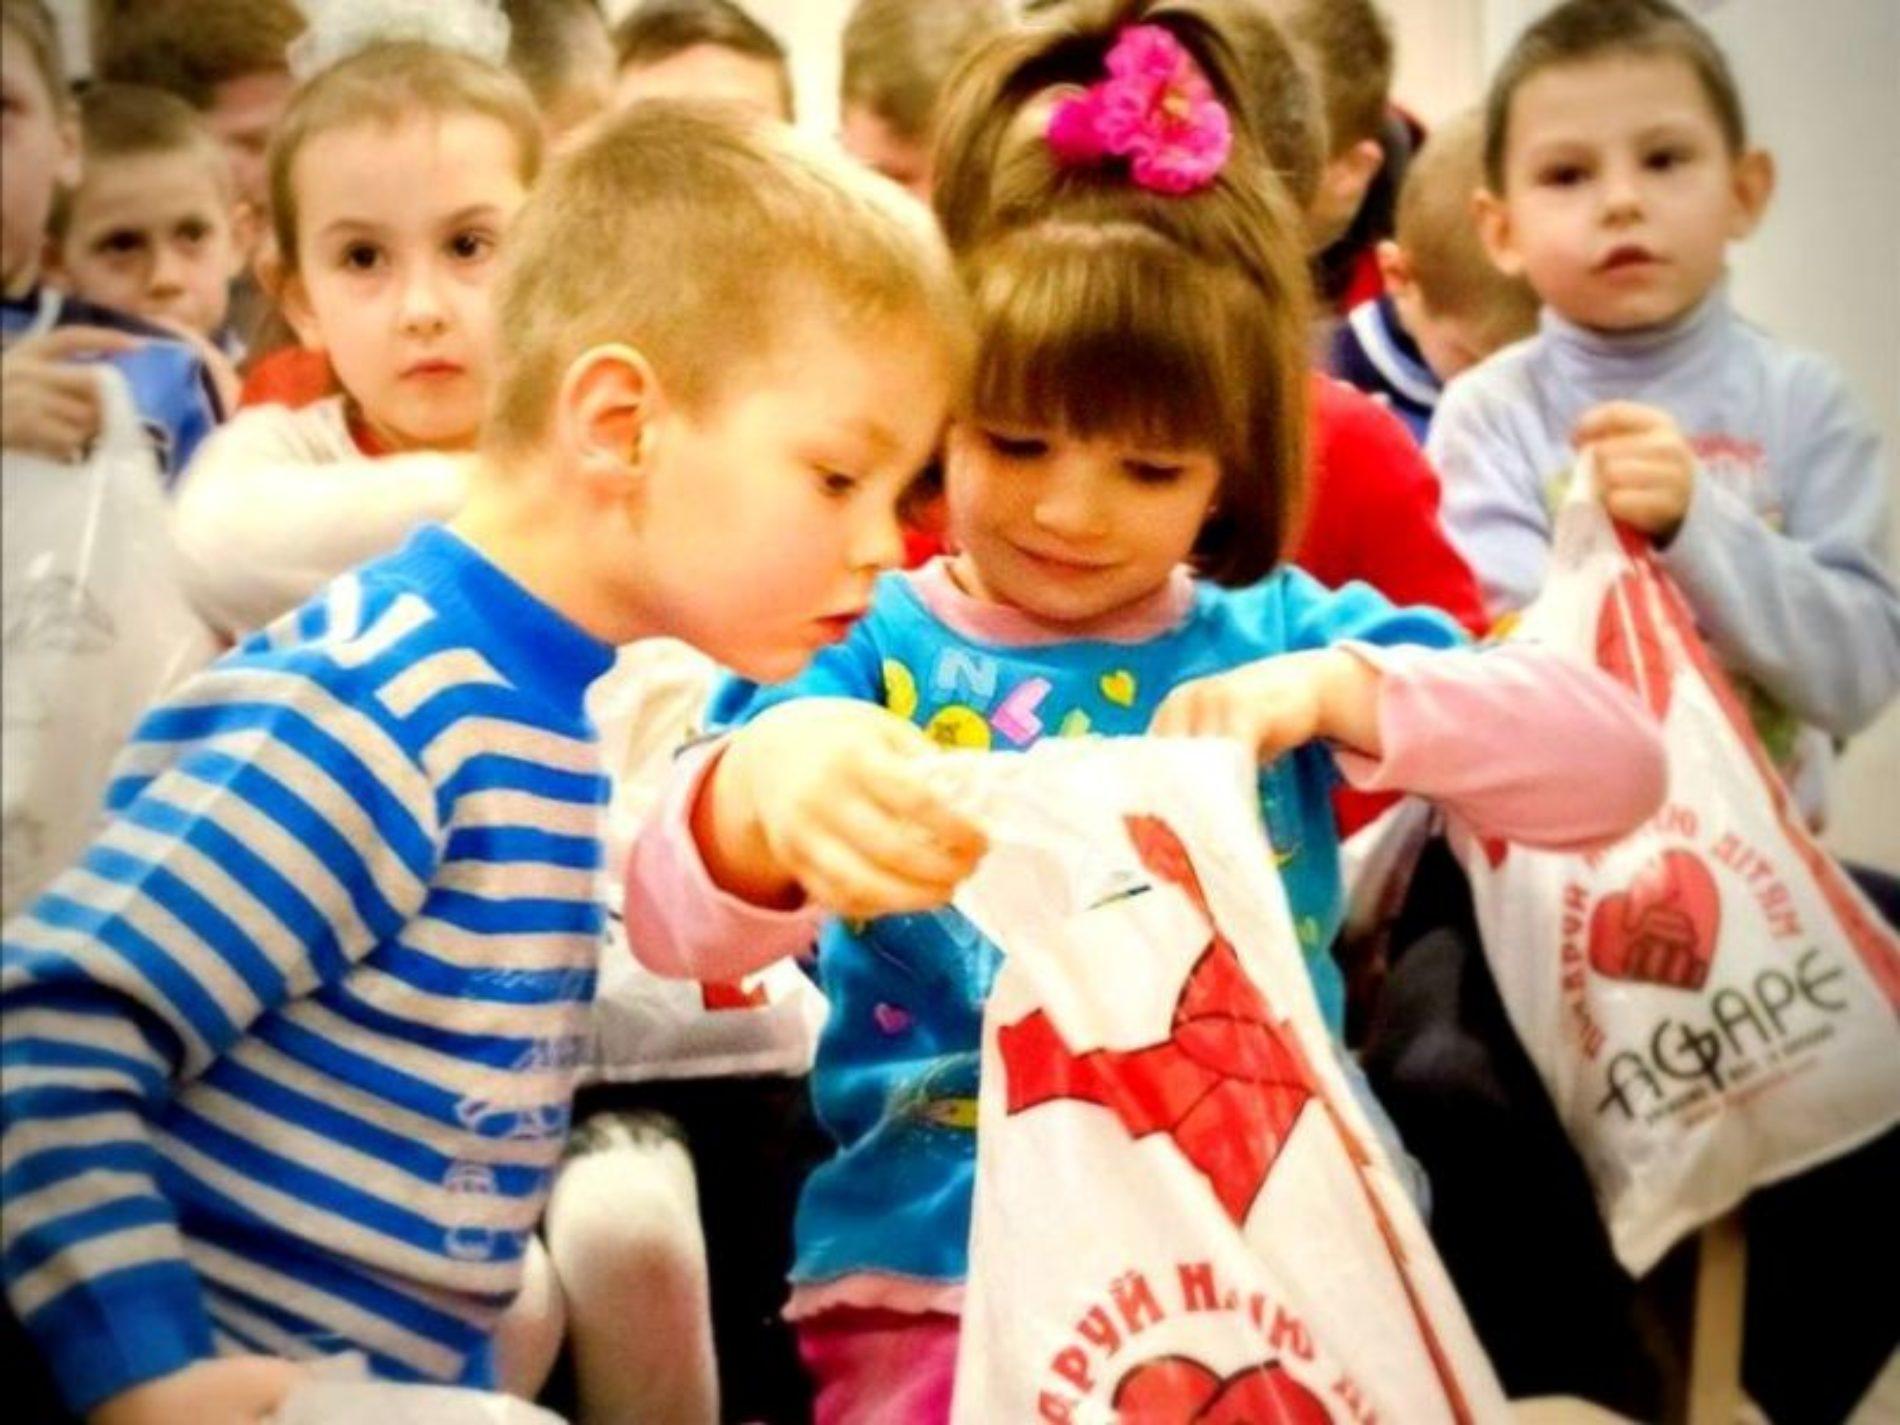 Місія «Агапе» продовжує завойовувати дитячі серця для Бога